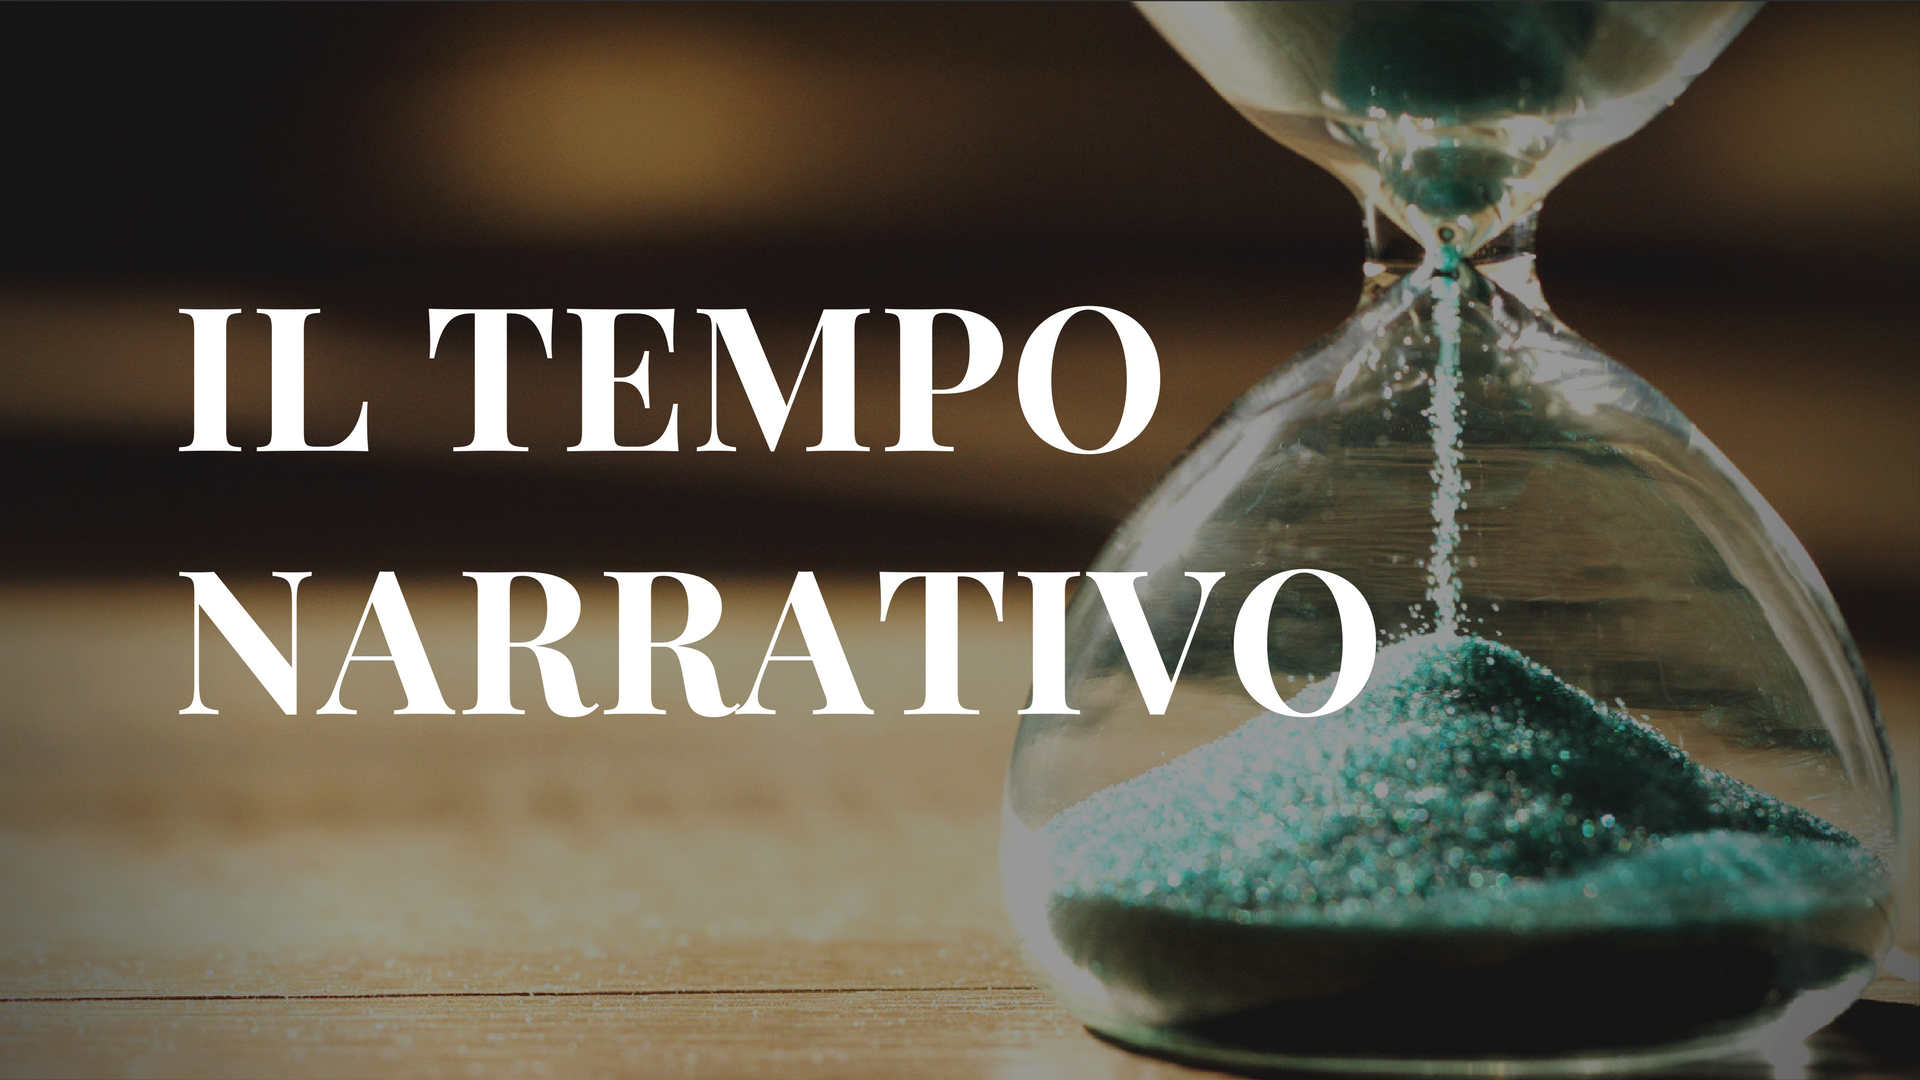 il tempo narrativo